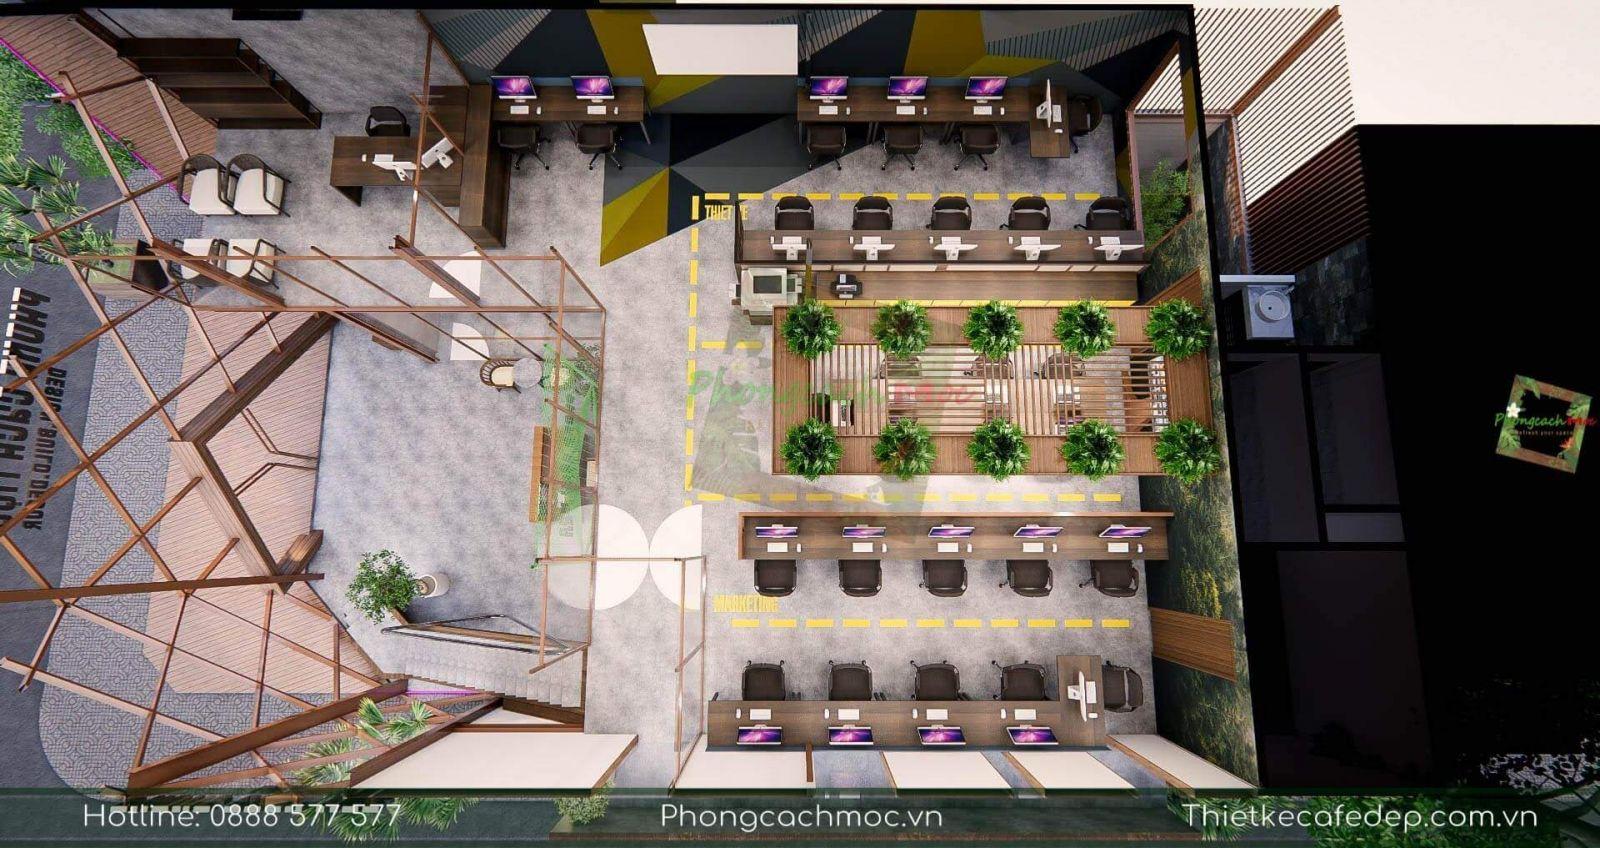 thiết kế layout tầng 2 dự án pcm workshop